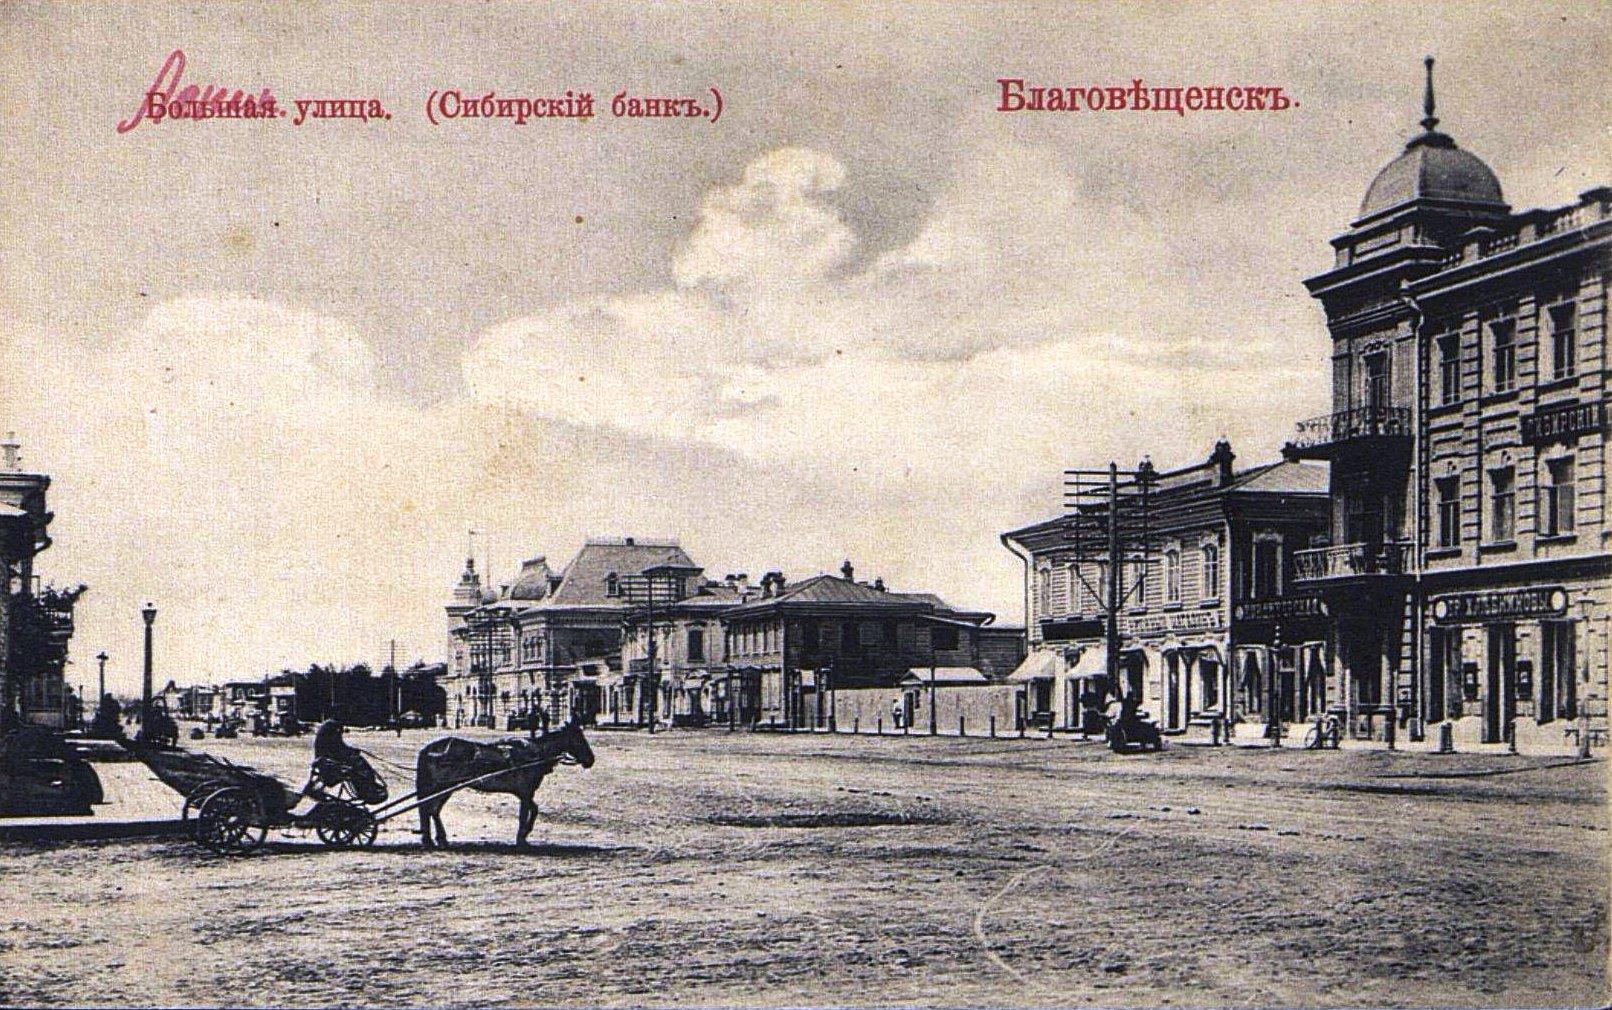 Сибирский банк на Большой улице